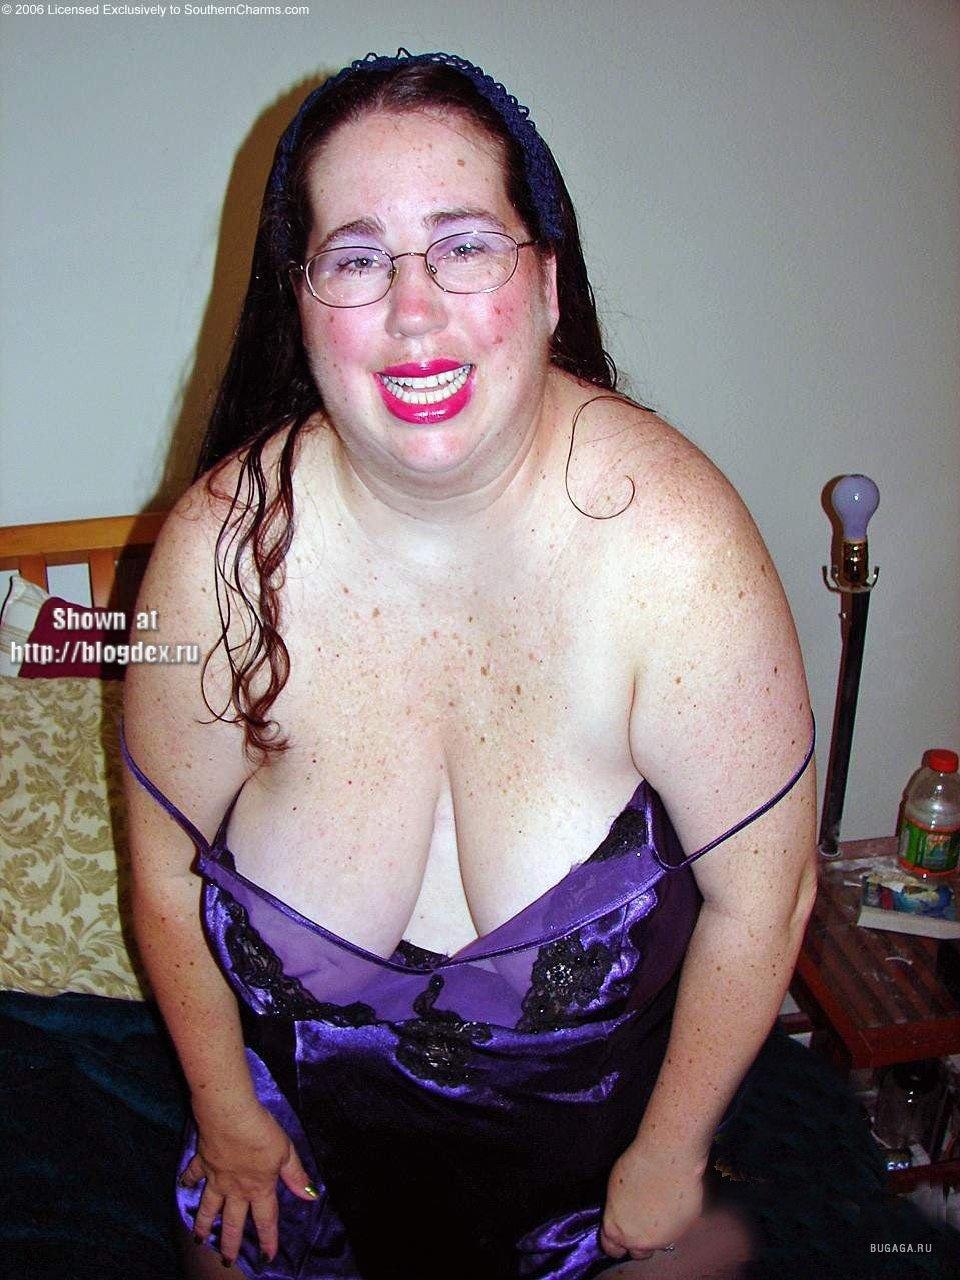 Страшные и некрасивые порно фото